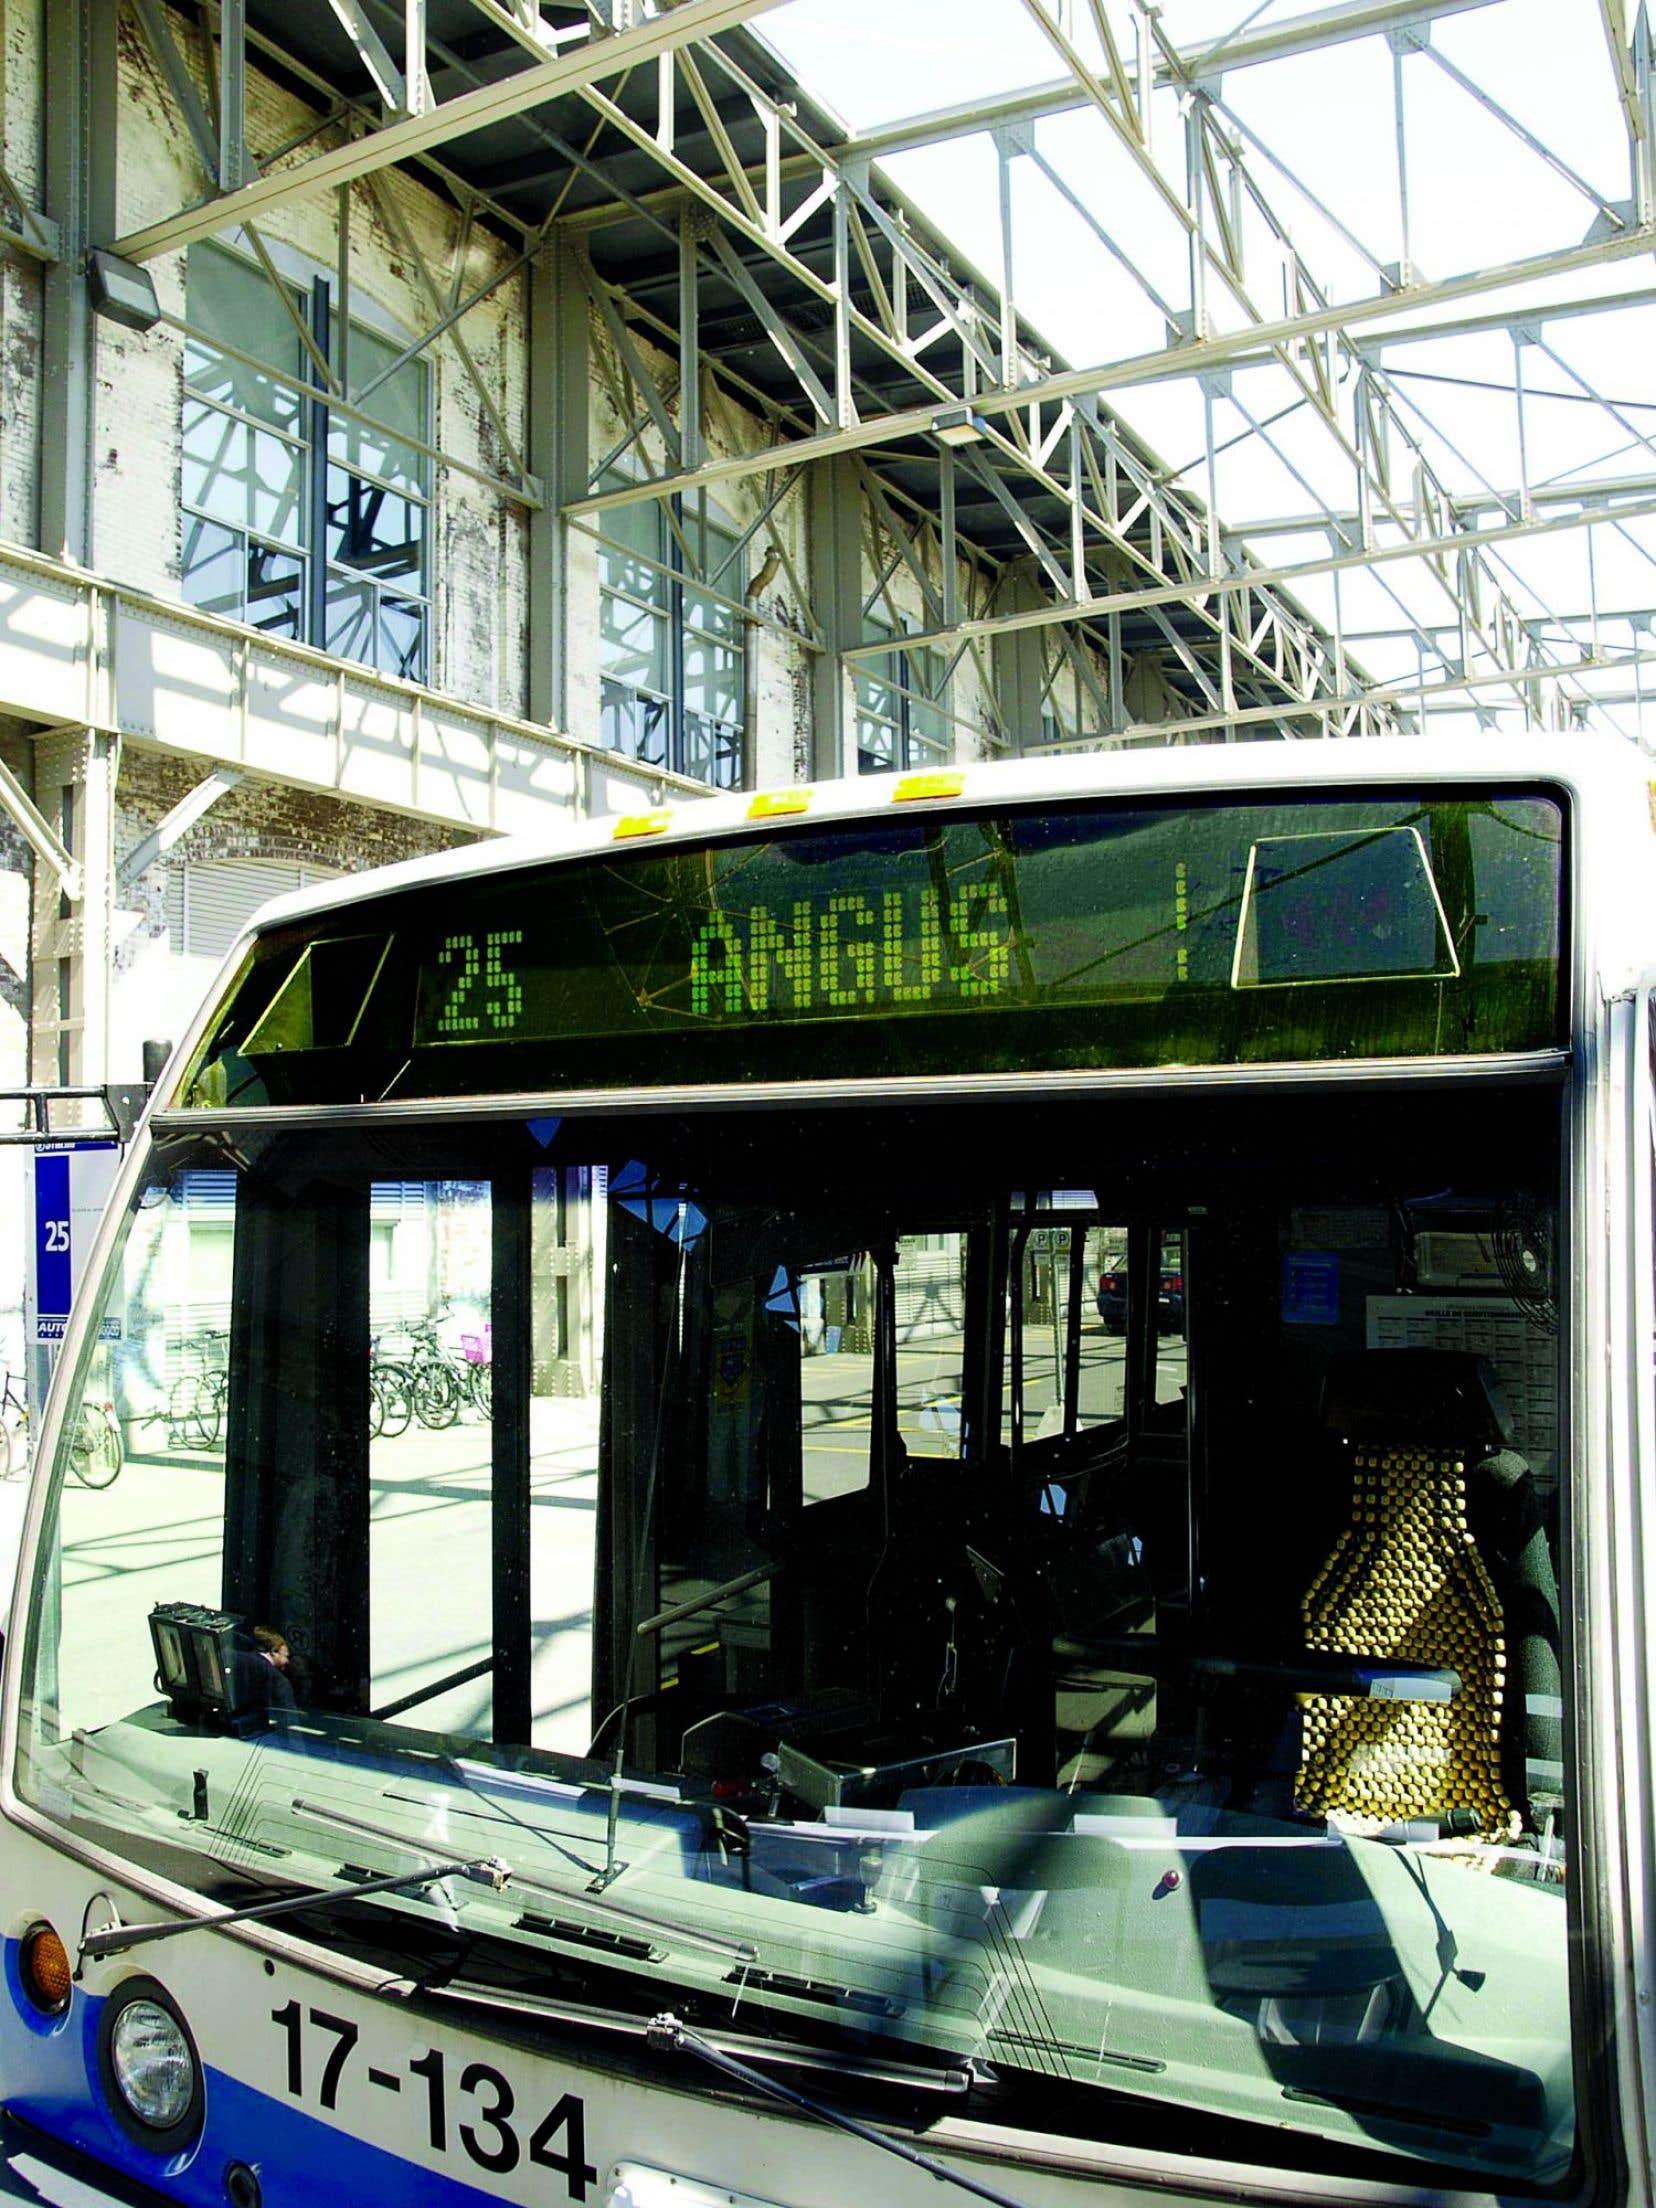 Le bus de la ligne 25, qui relie le Technopôle au métro Rosemont, ne passe qu'aux 28 minutes, et ce, seulement aux heures de pointe.